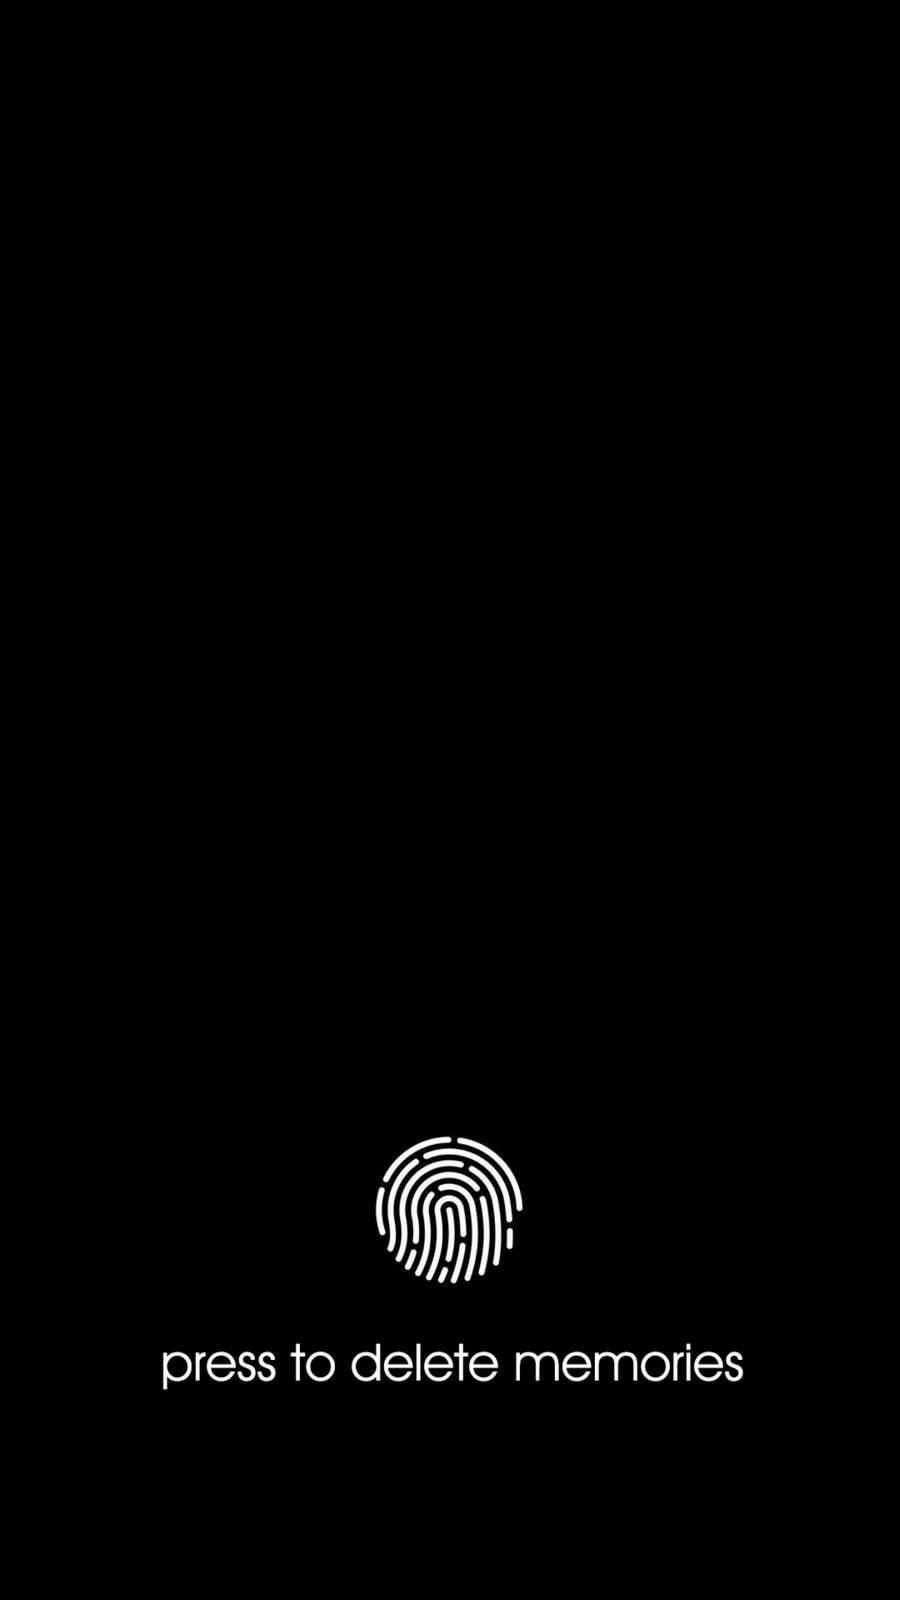 Delete Memories iPhone Wallpaper